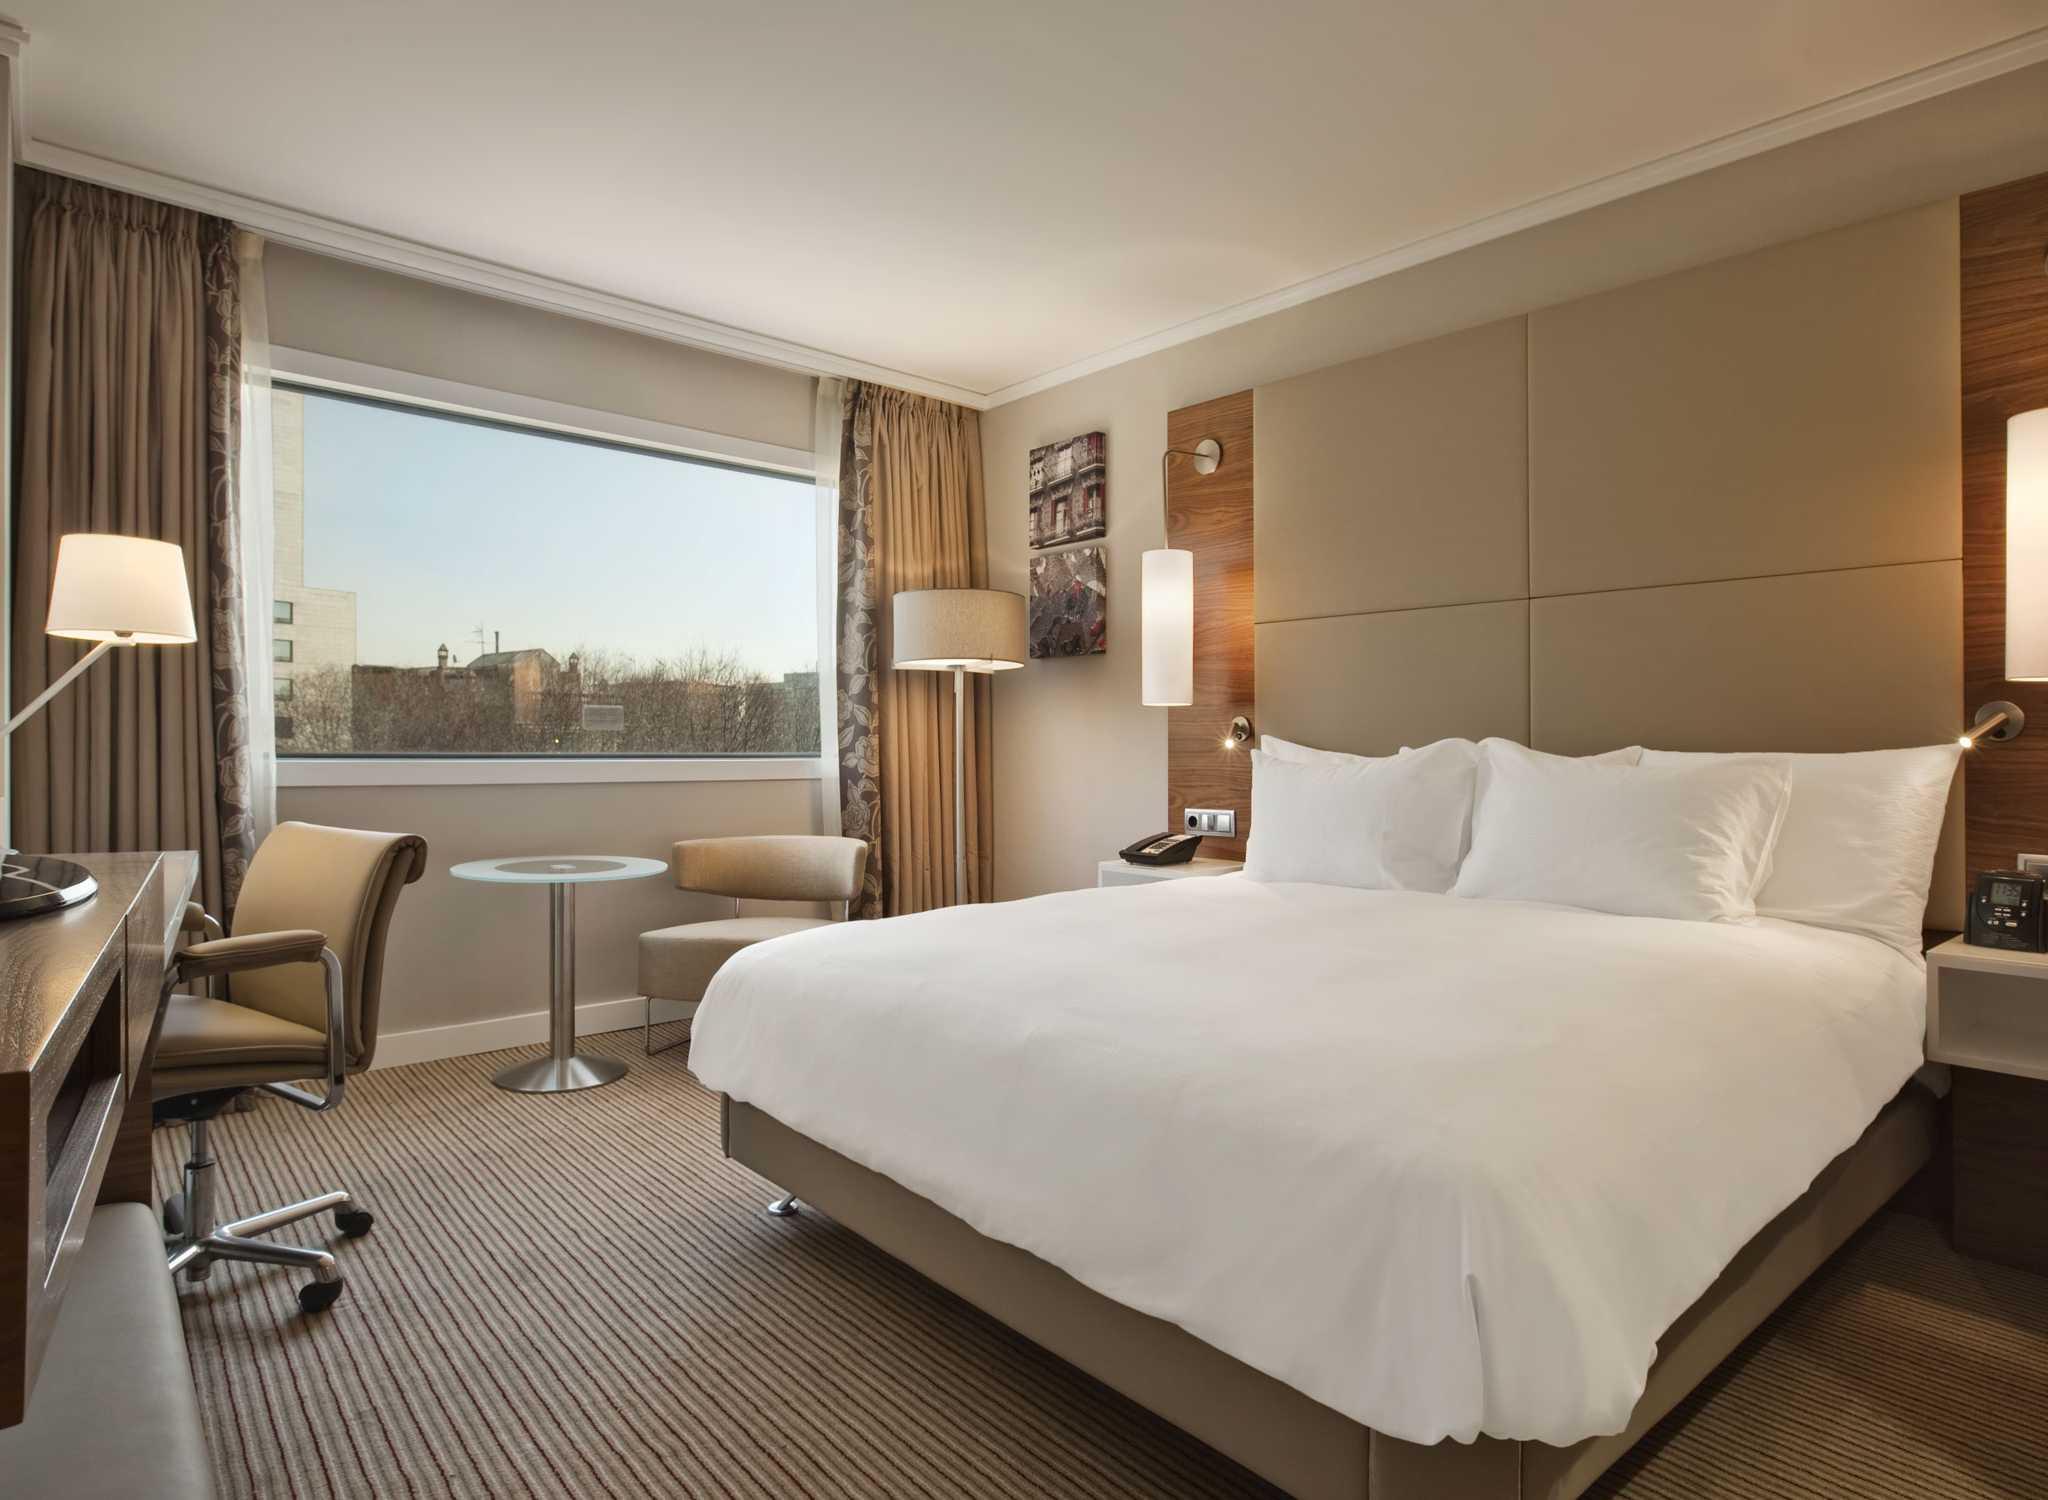 Hoteles en espa a barcelona madrid mallorca hilton Habitacion hotel barcelona